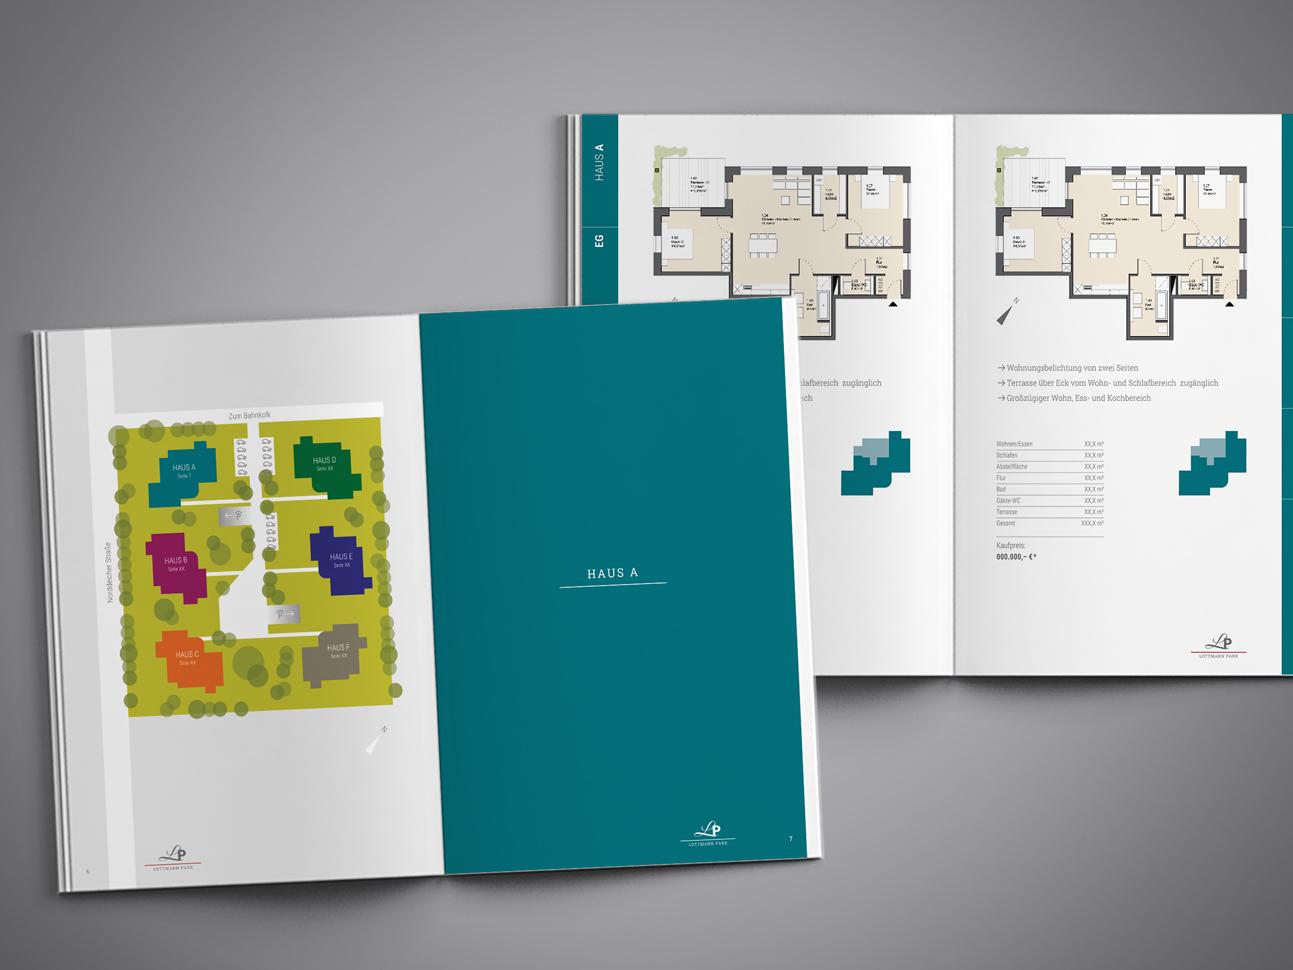 martin_zech_design_projekt_design_lottmann-park_verkaufsprospekt_doppelseiten_2